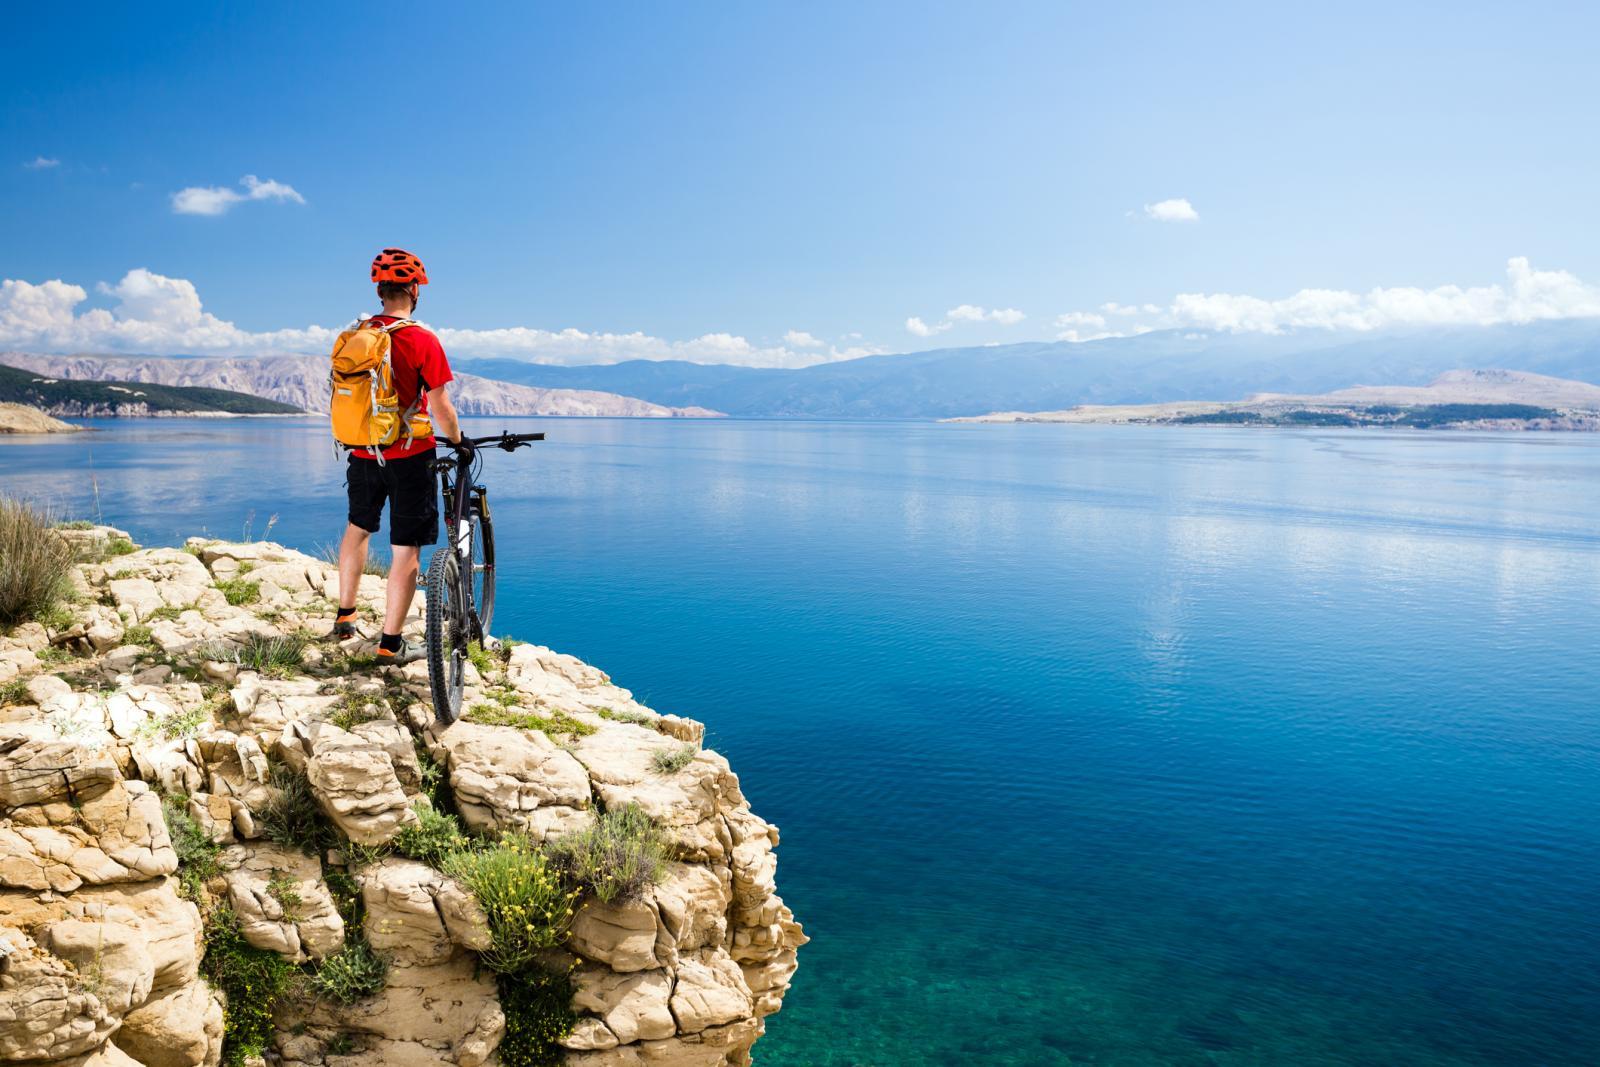 Za sportsku vožnju odaberite trkaći cestovni bicikl ili trkaći brdski bicikl s više brzina.